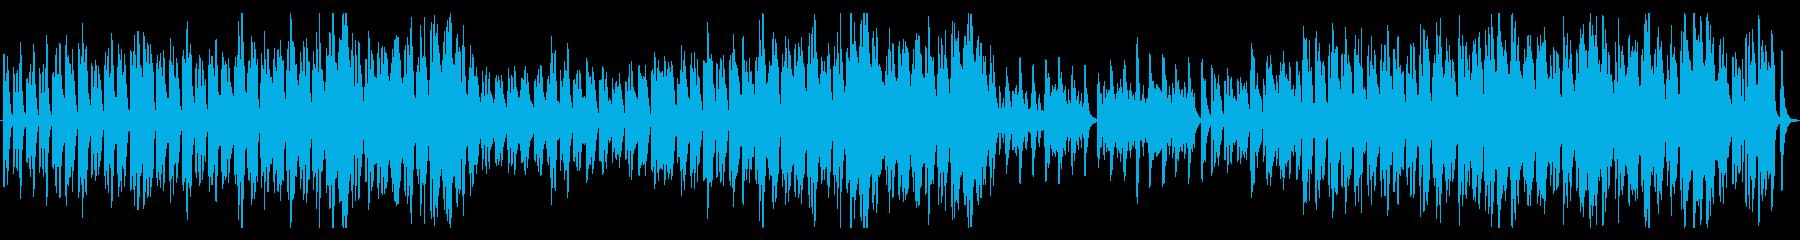 篠笛とオーケストラの幻想的なBGMの再生済みの波形